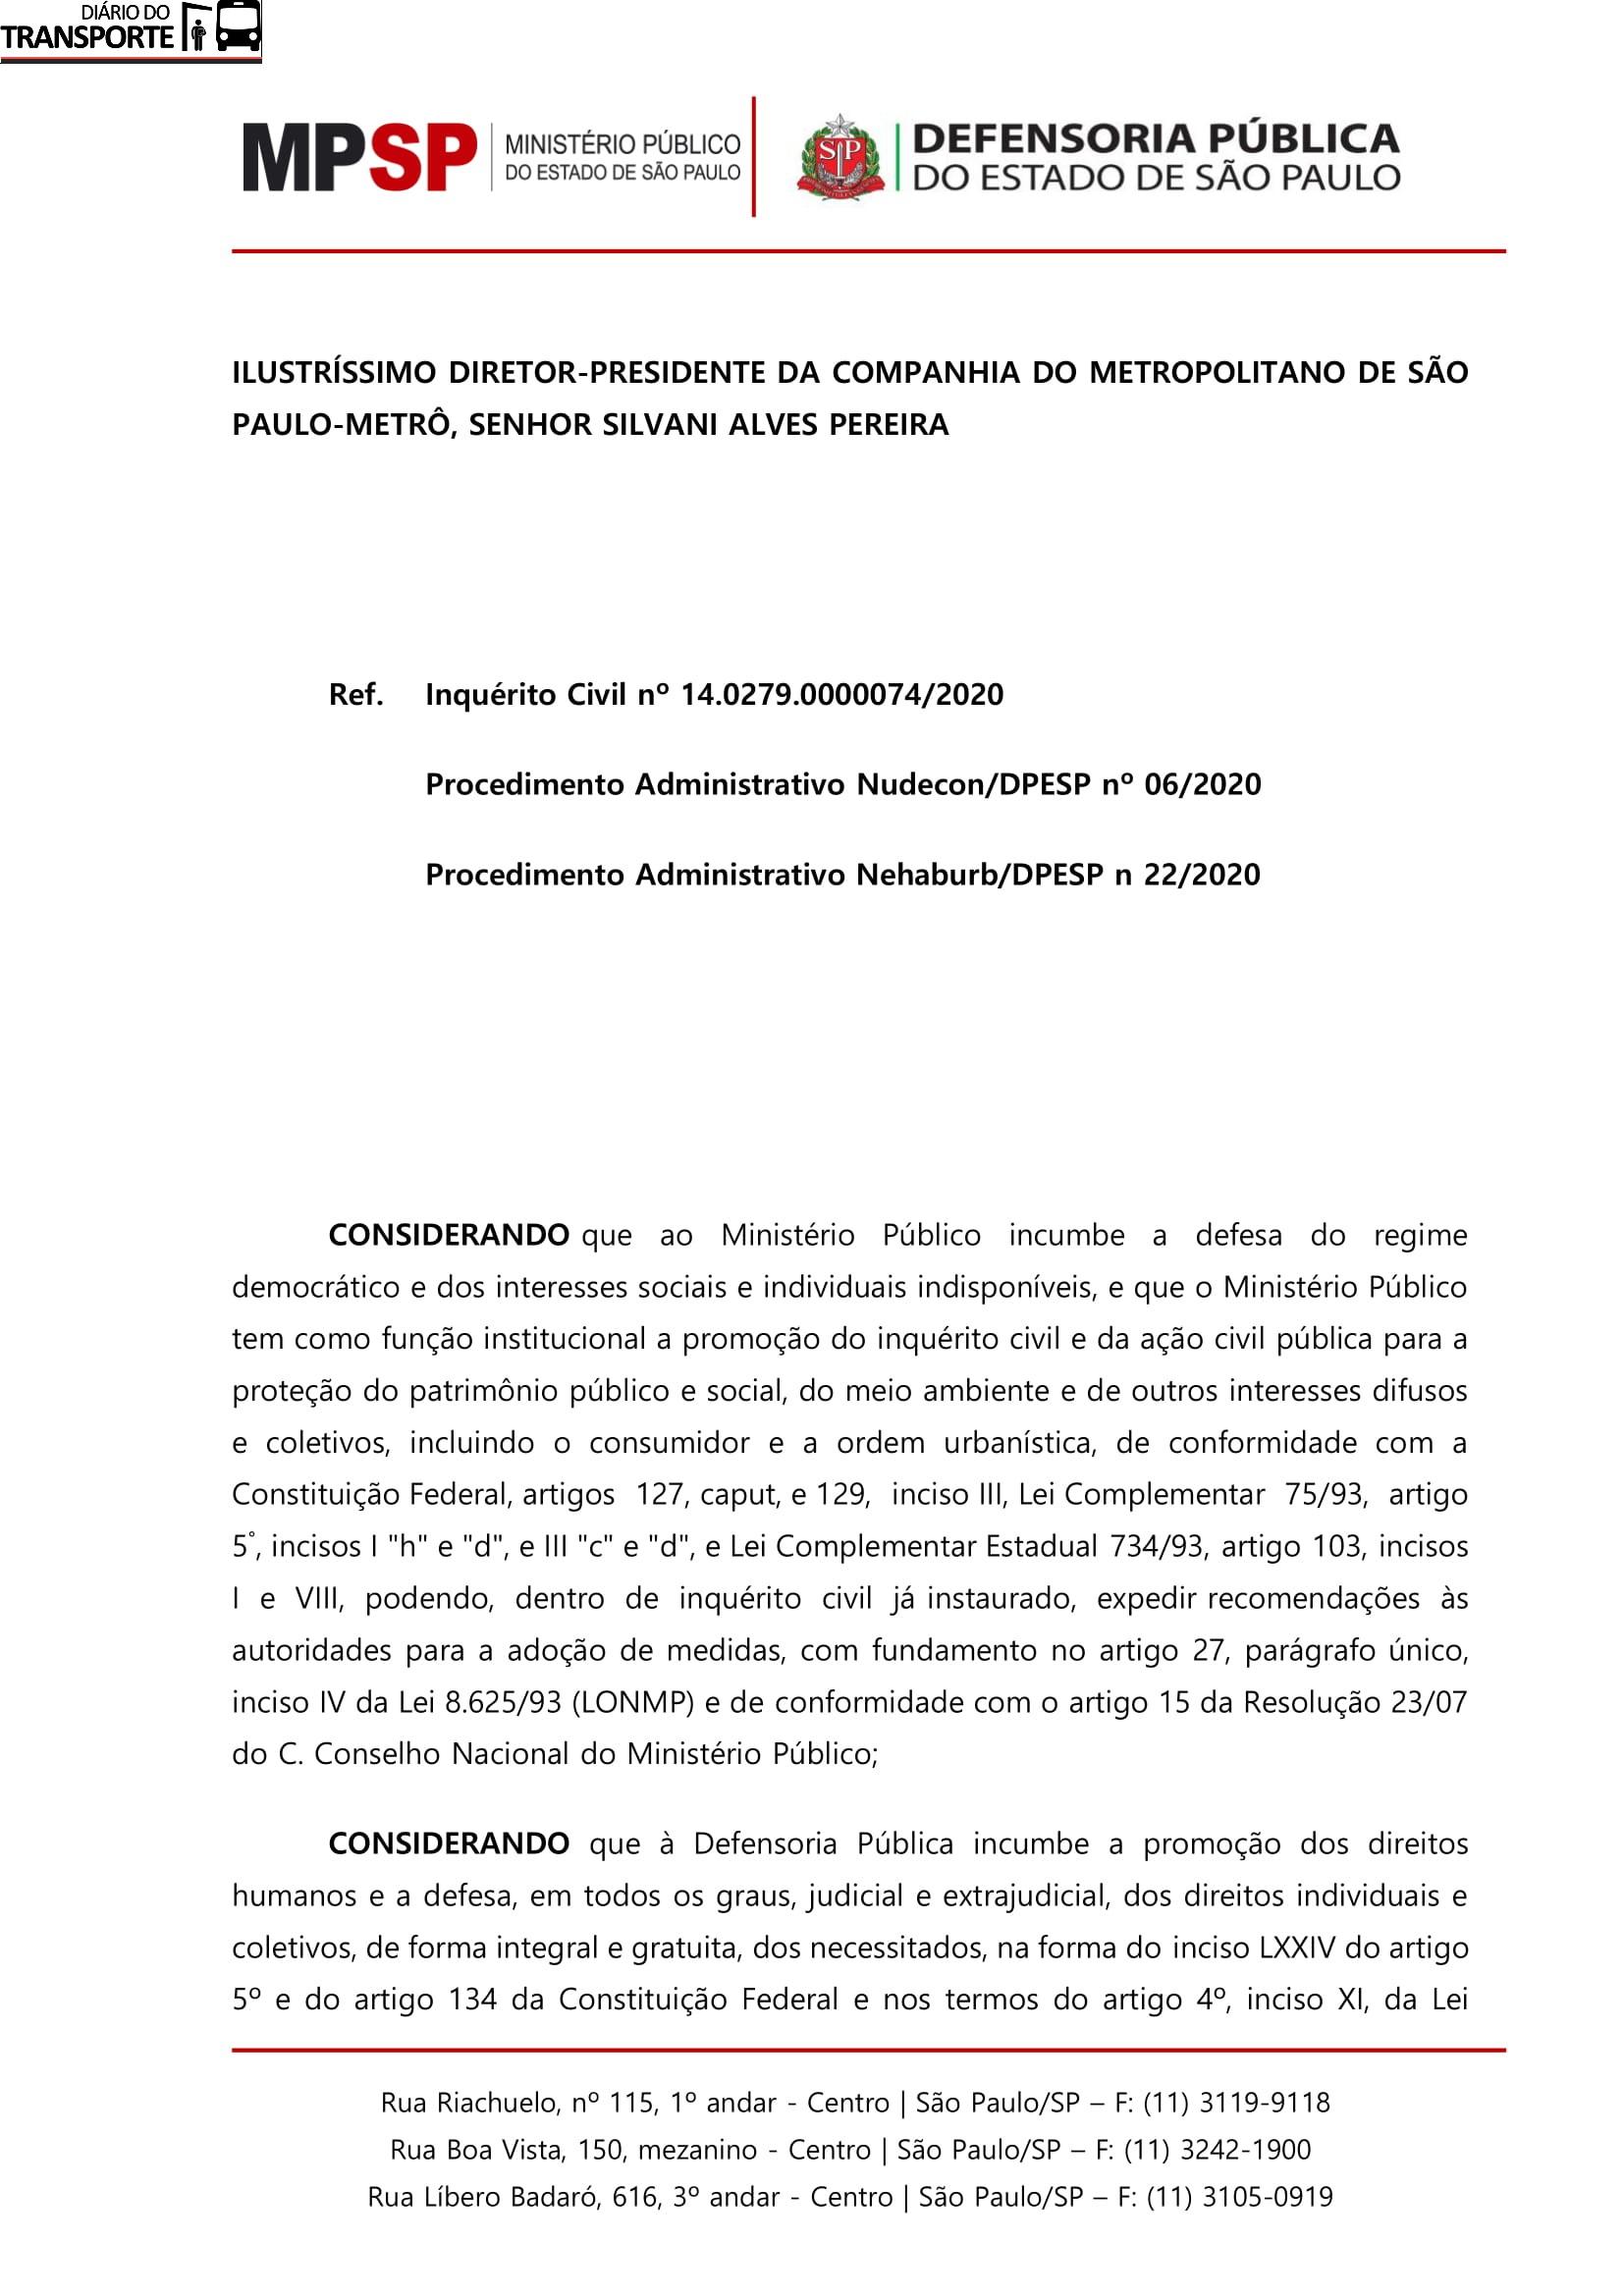 recomendação transporte_METRO-01